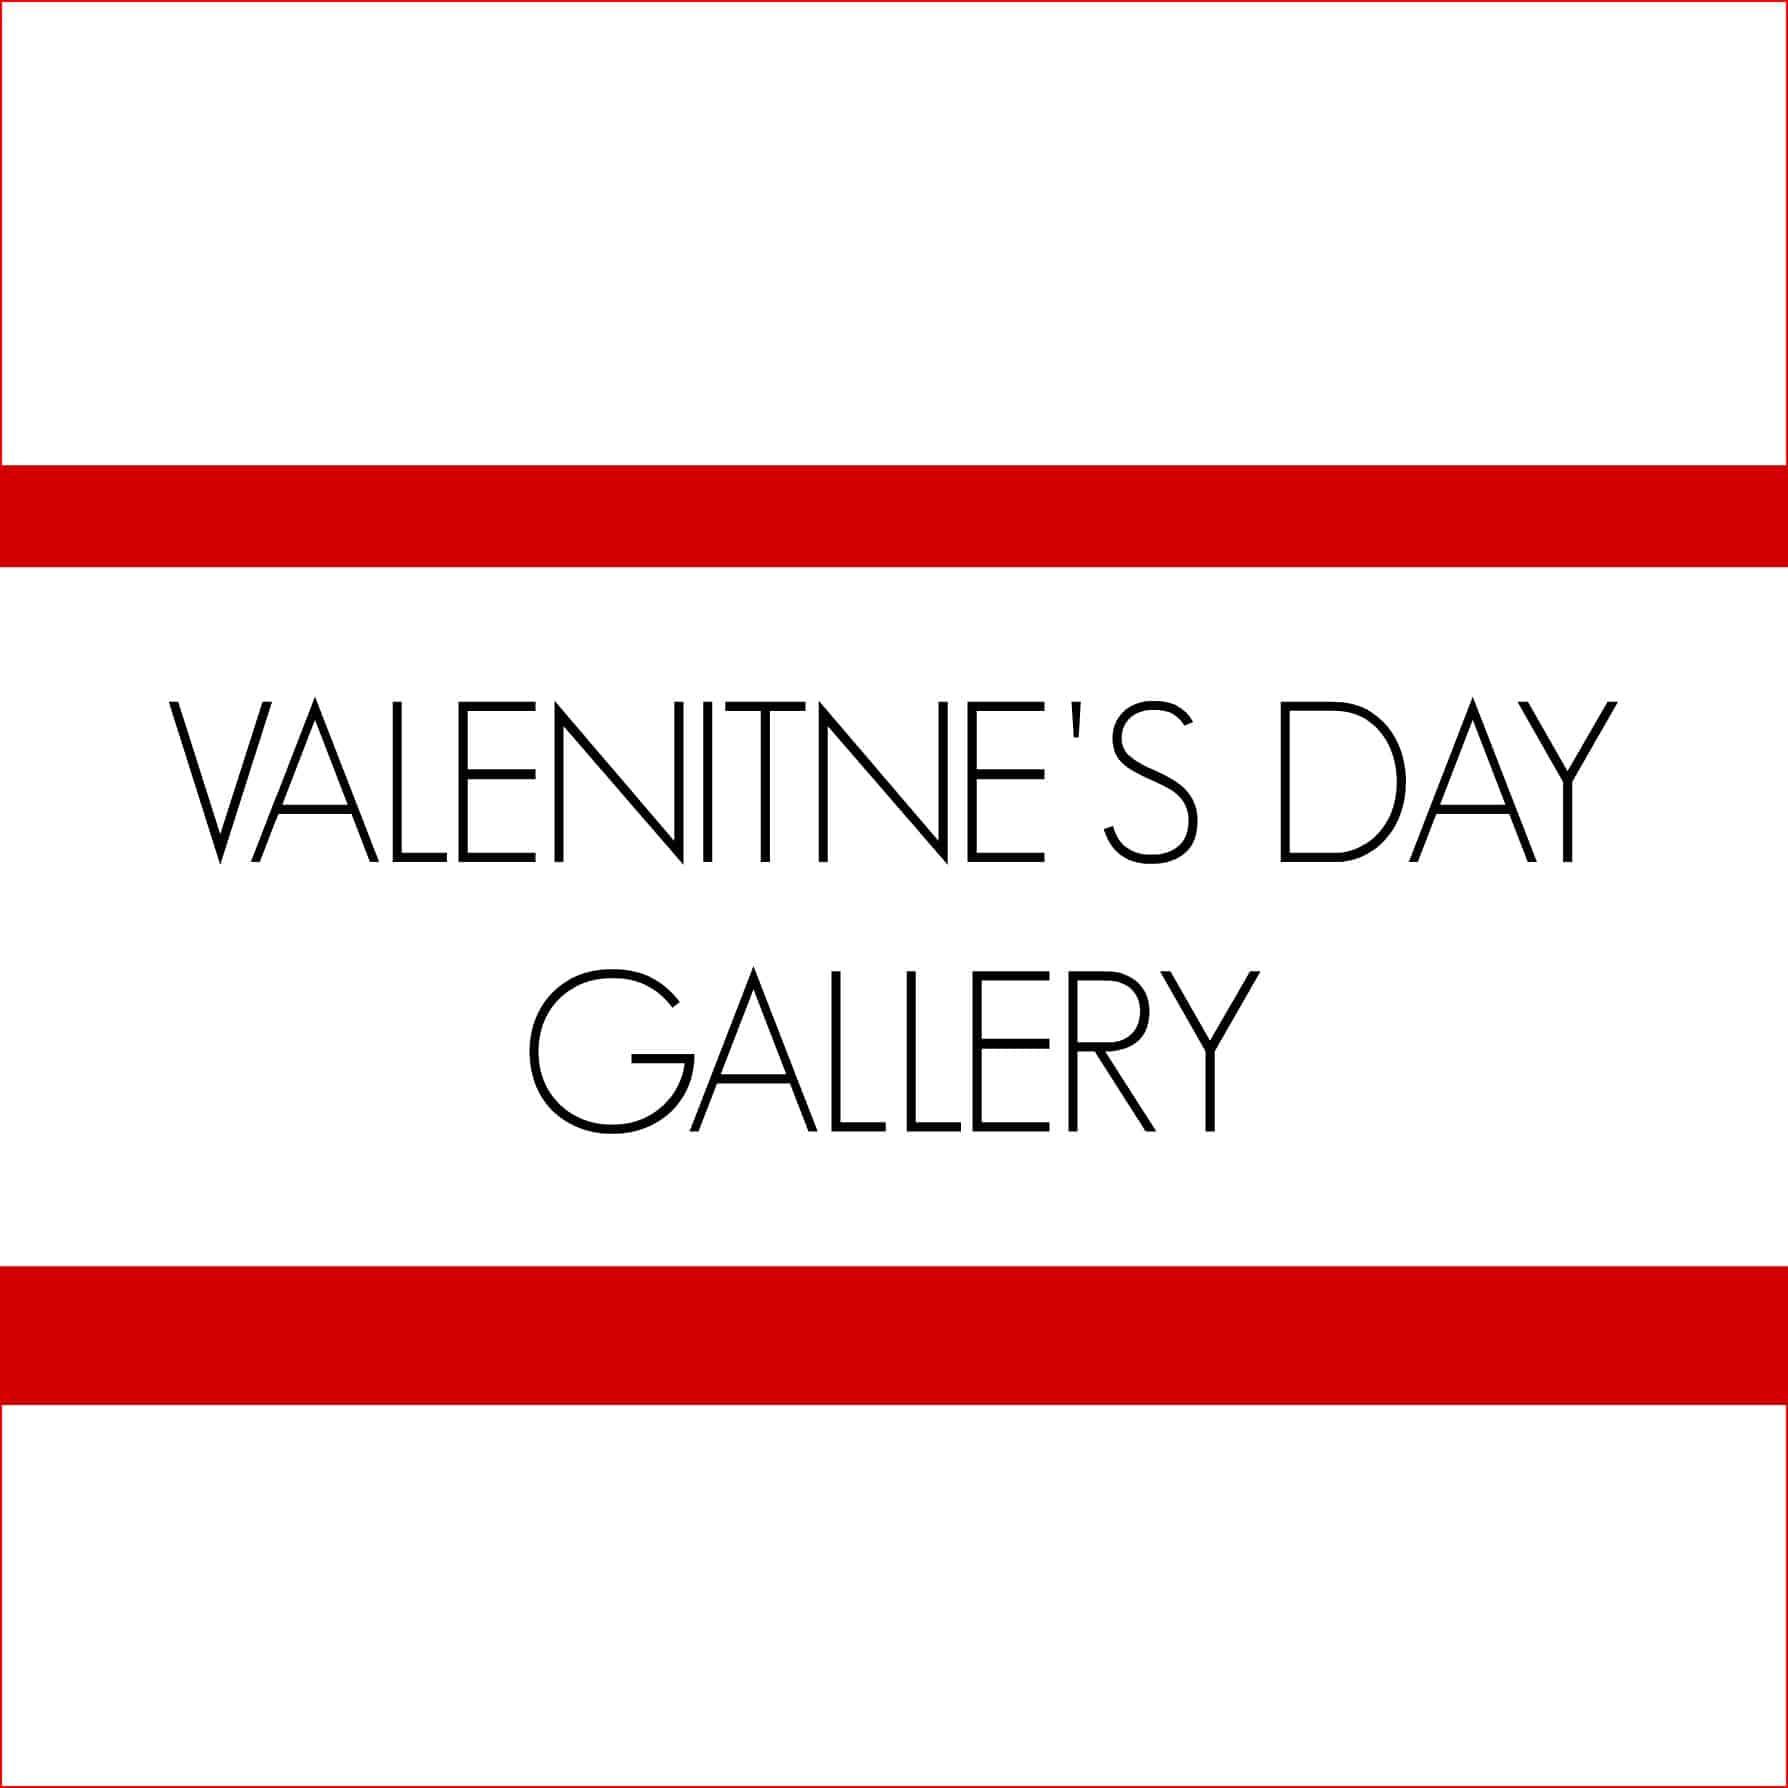 VALENTINES GALLERY